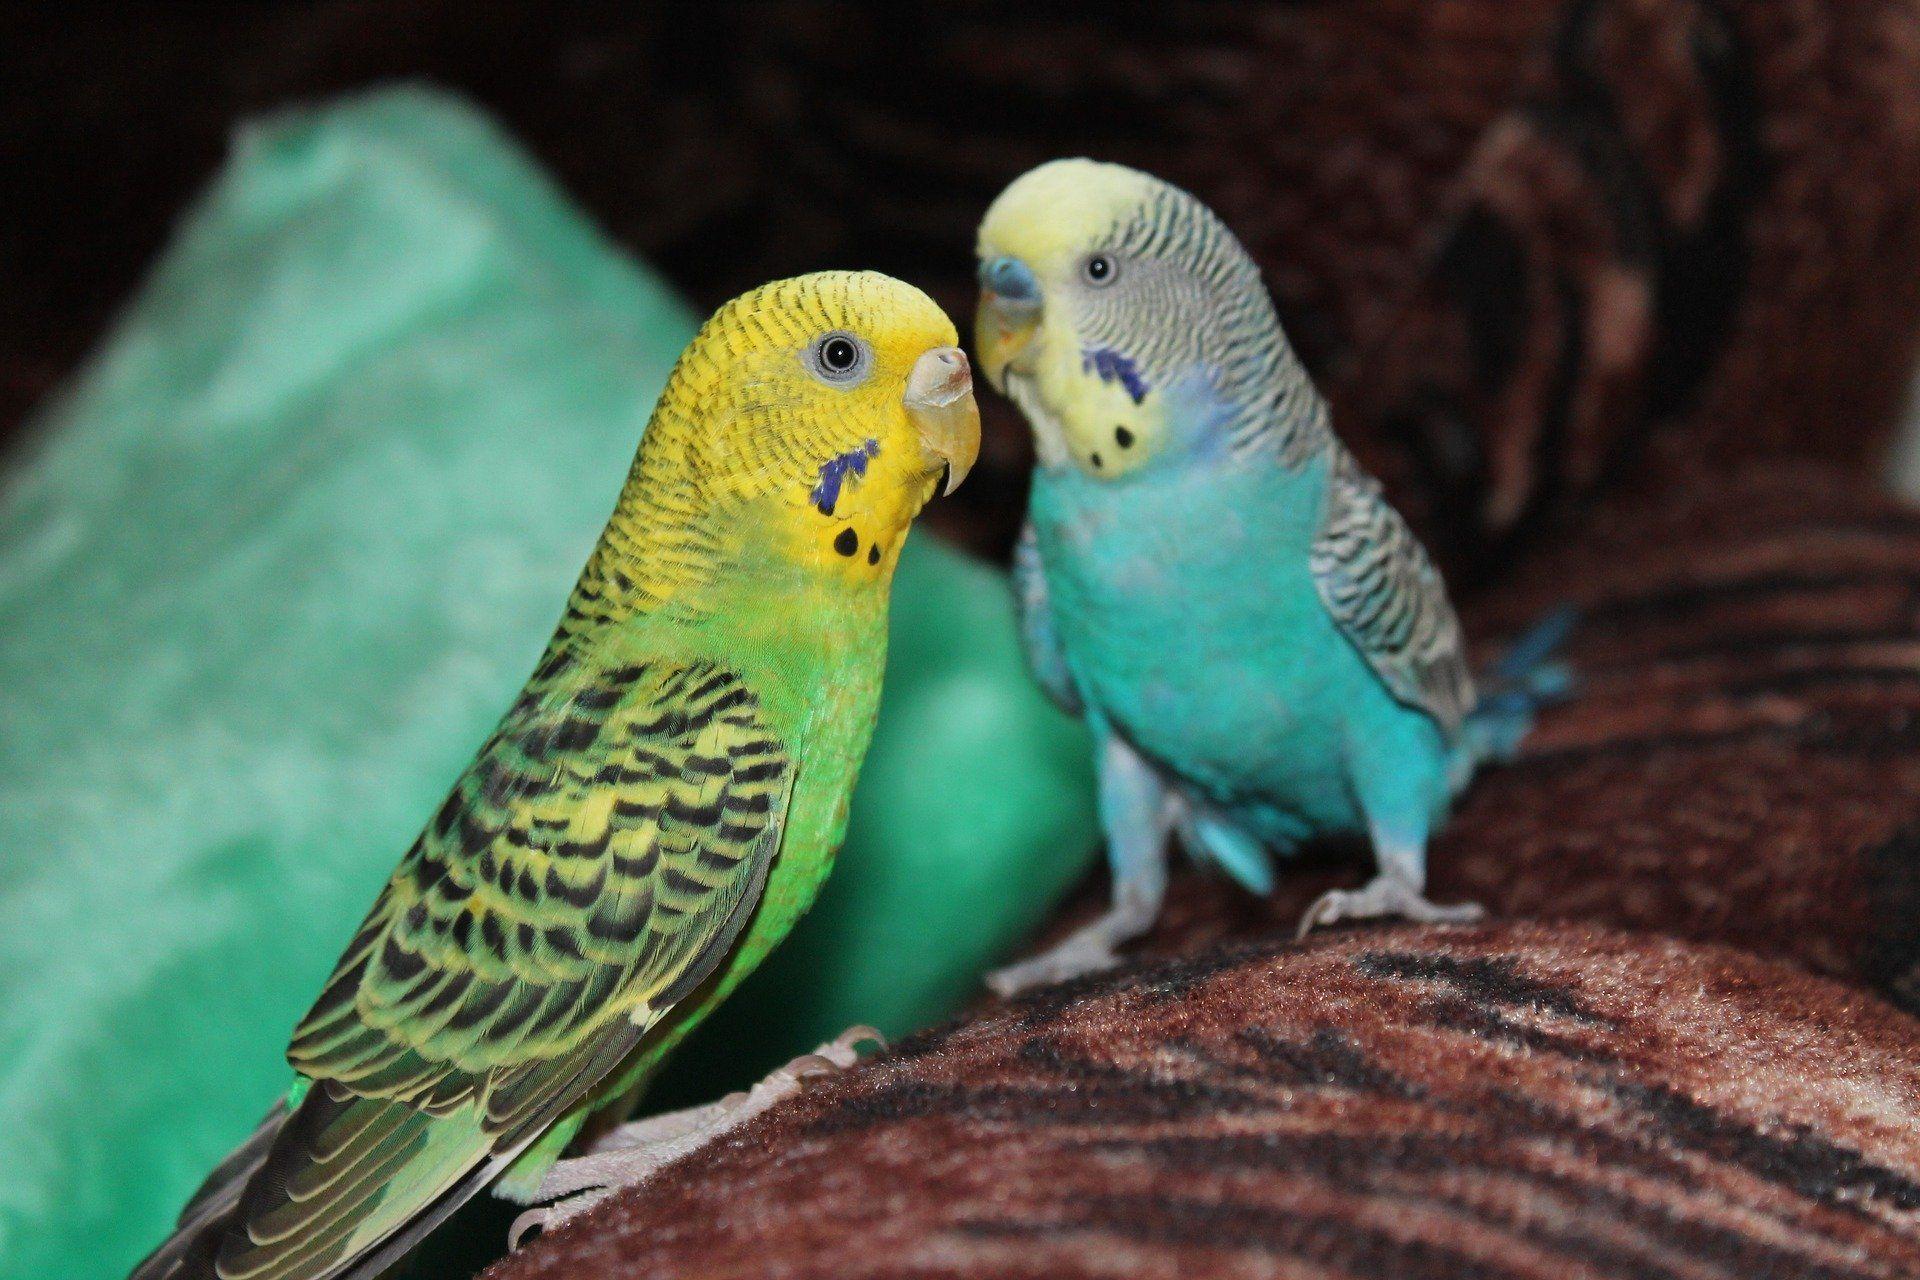 Смотреть онлайн бесплатно красивое фото попугай на природе